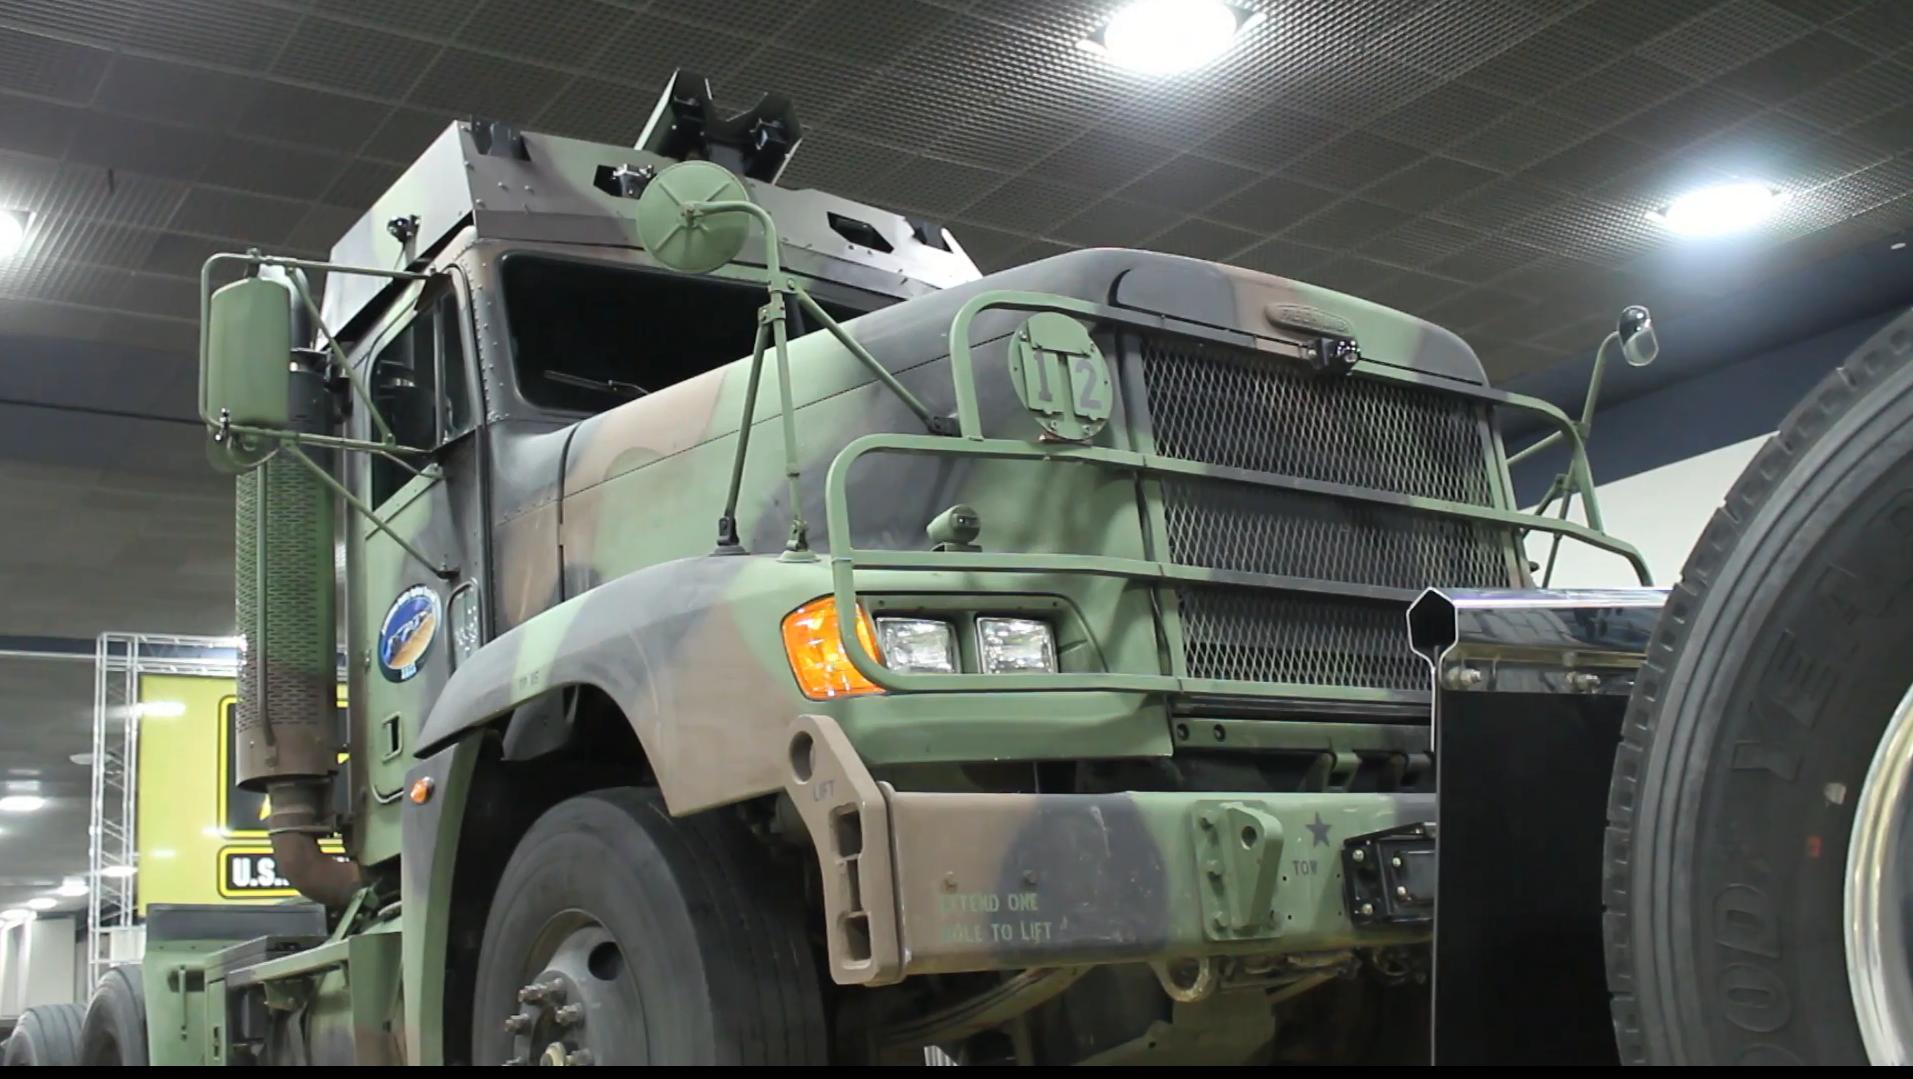 Army Demonstrates Autonomous Vehicle Capabilities At Detroit Auto Show